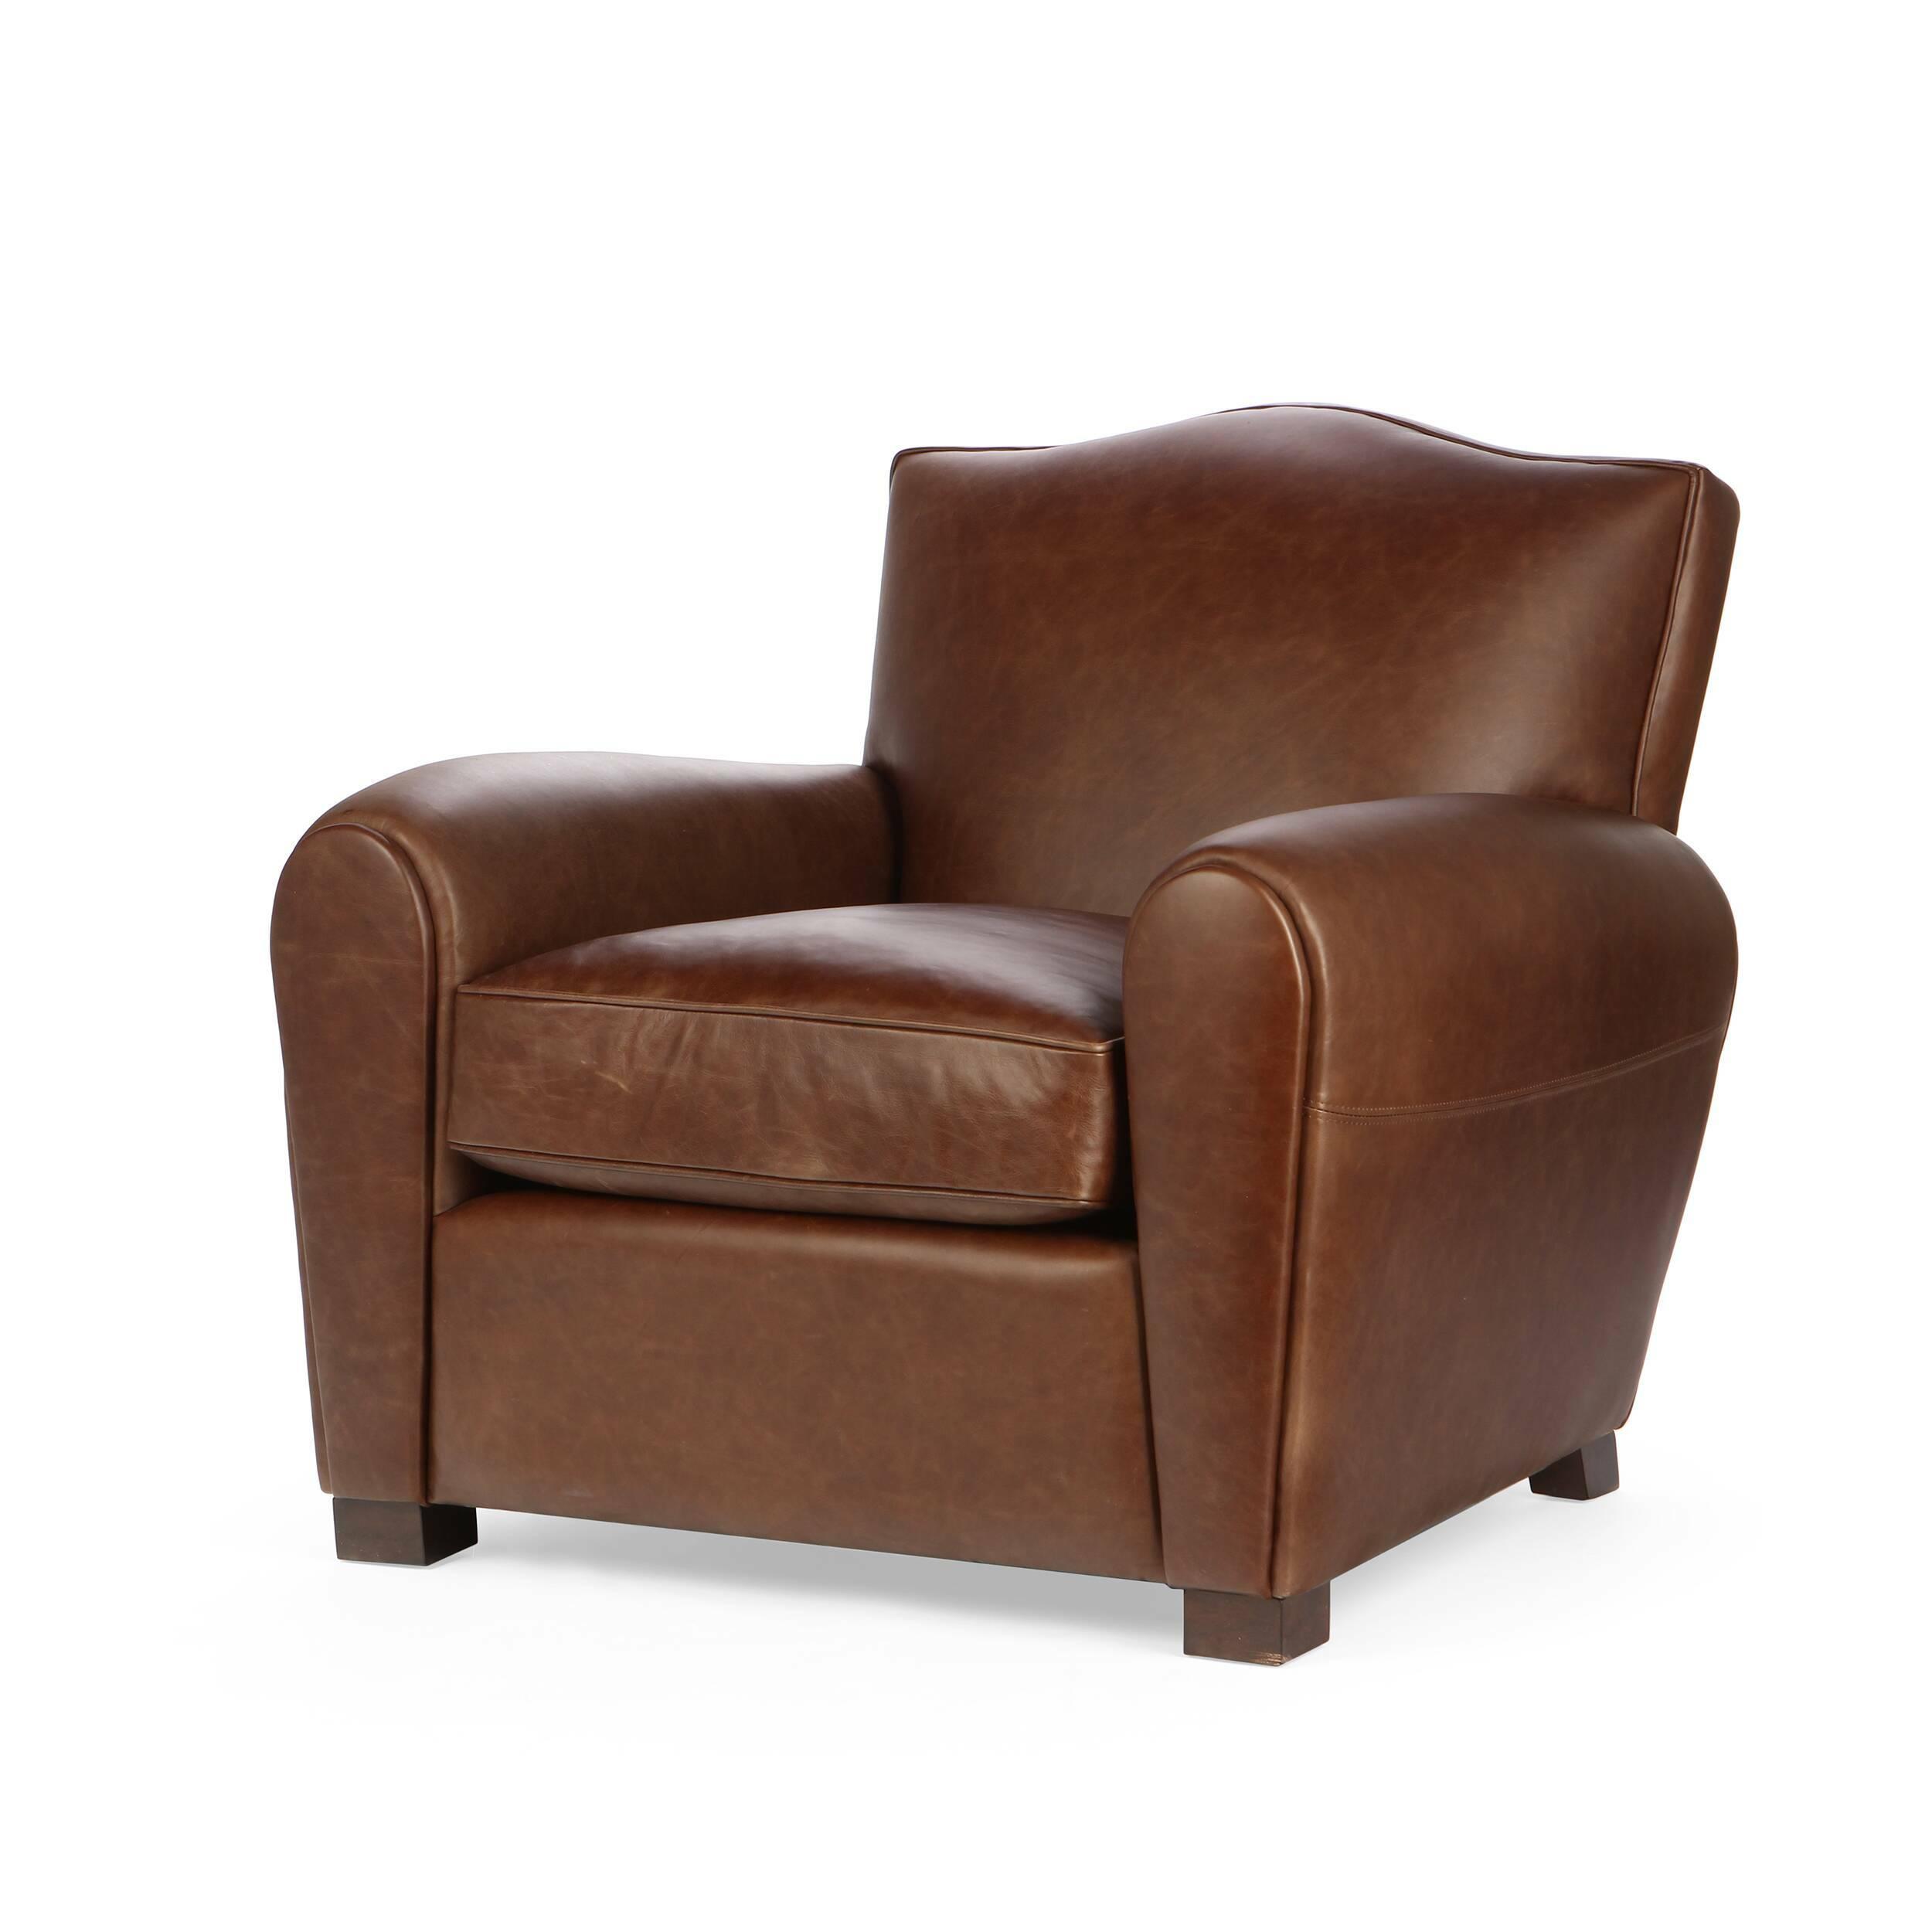 Кресло HarrisonИнтерьерные<br>Дизайнерское коричневое современное кожаное кресло Harrison (Хэррисон) от  Cosmo (Космо).<br><br><br> Дизайнеры компании Cosmo не устают радовать нас интересными новинками. Представленное здесь кресло Harrison являет собой традиционную строгую классику, без лишних деталей и чрезмерного оформления. Кресло имеет «пузатую» форму, что придает ему особый уют и комфортность. Благодаря широкой спинке и удобному сиденью вы сможете отдохнуть в нем с максимальным удобством. Кресло выполнено в коричневом ц...<br><br>stock: 3<br>Высота: 87<br>Ширина: 92<br>Глубина: 97<br>Цвет ножек: Коричневый<br>Материал ножек: Массив березы<br>Тип материала обивки: Кожа<br>Тип материала ножек: Дерево<br>Цвет обивки: Тёмно-коричневый